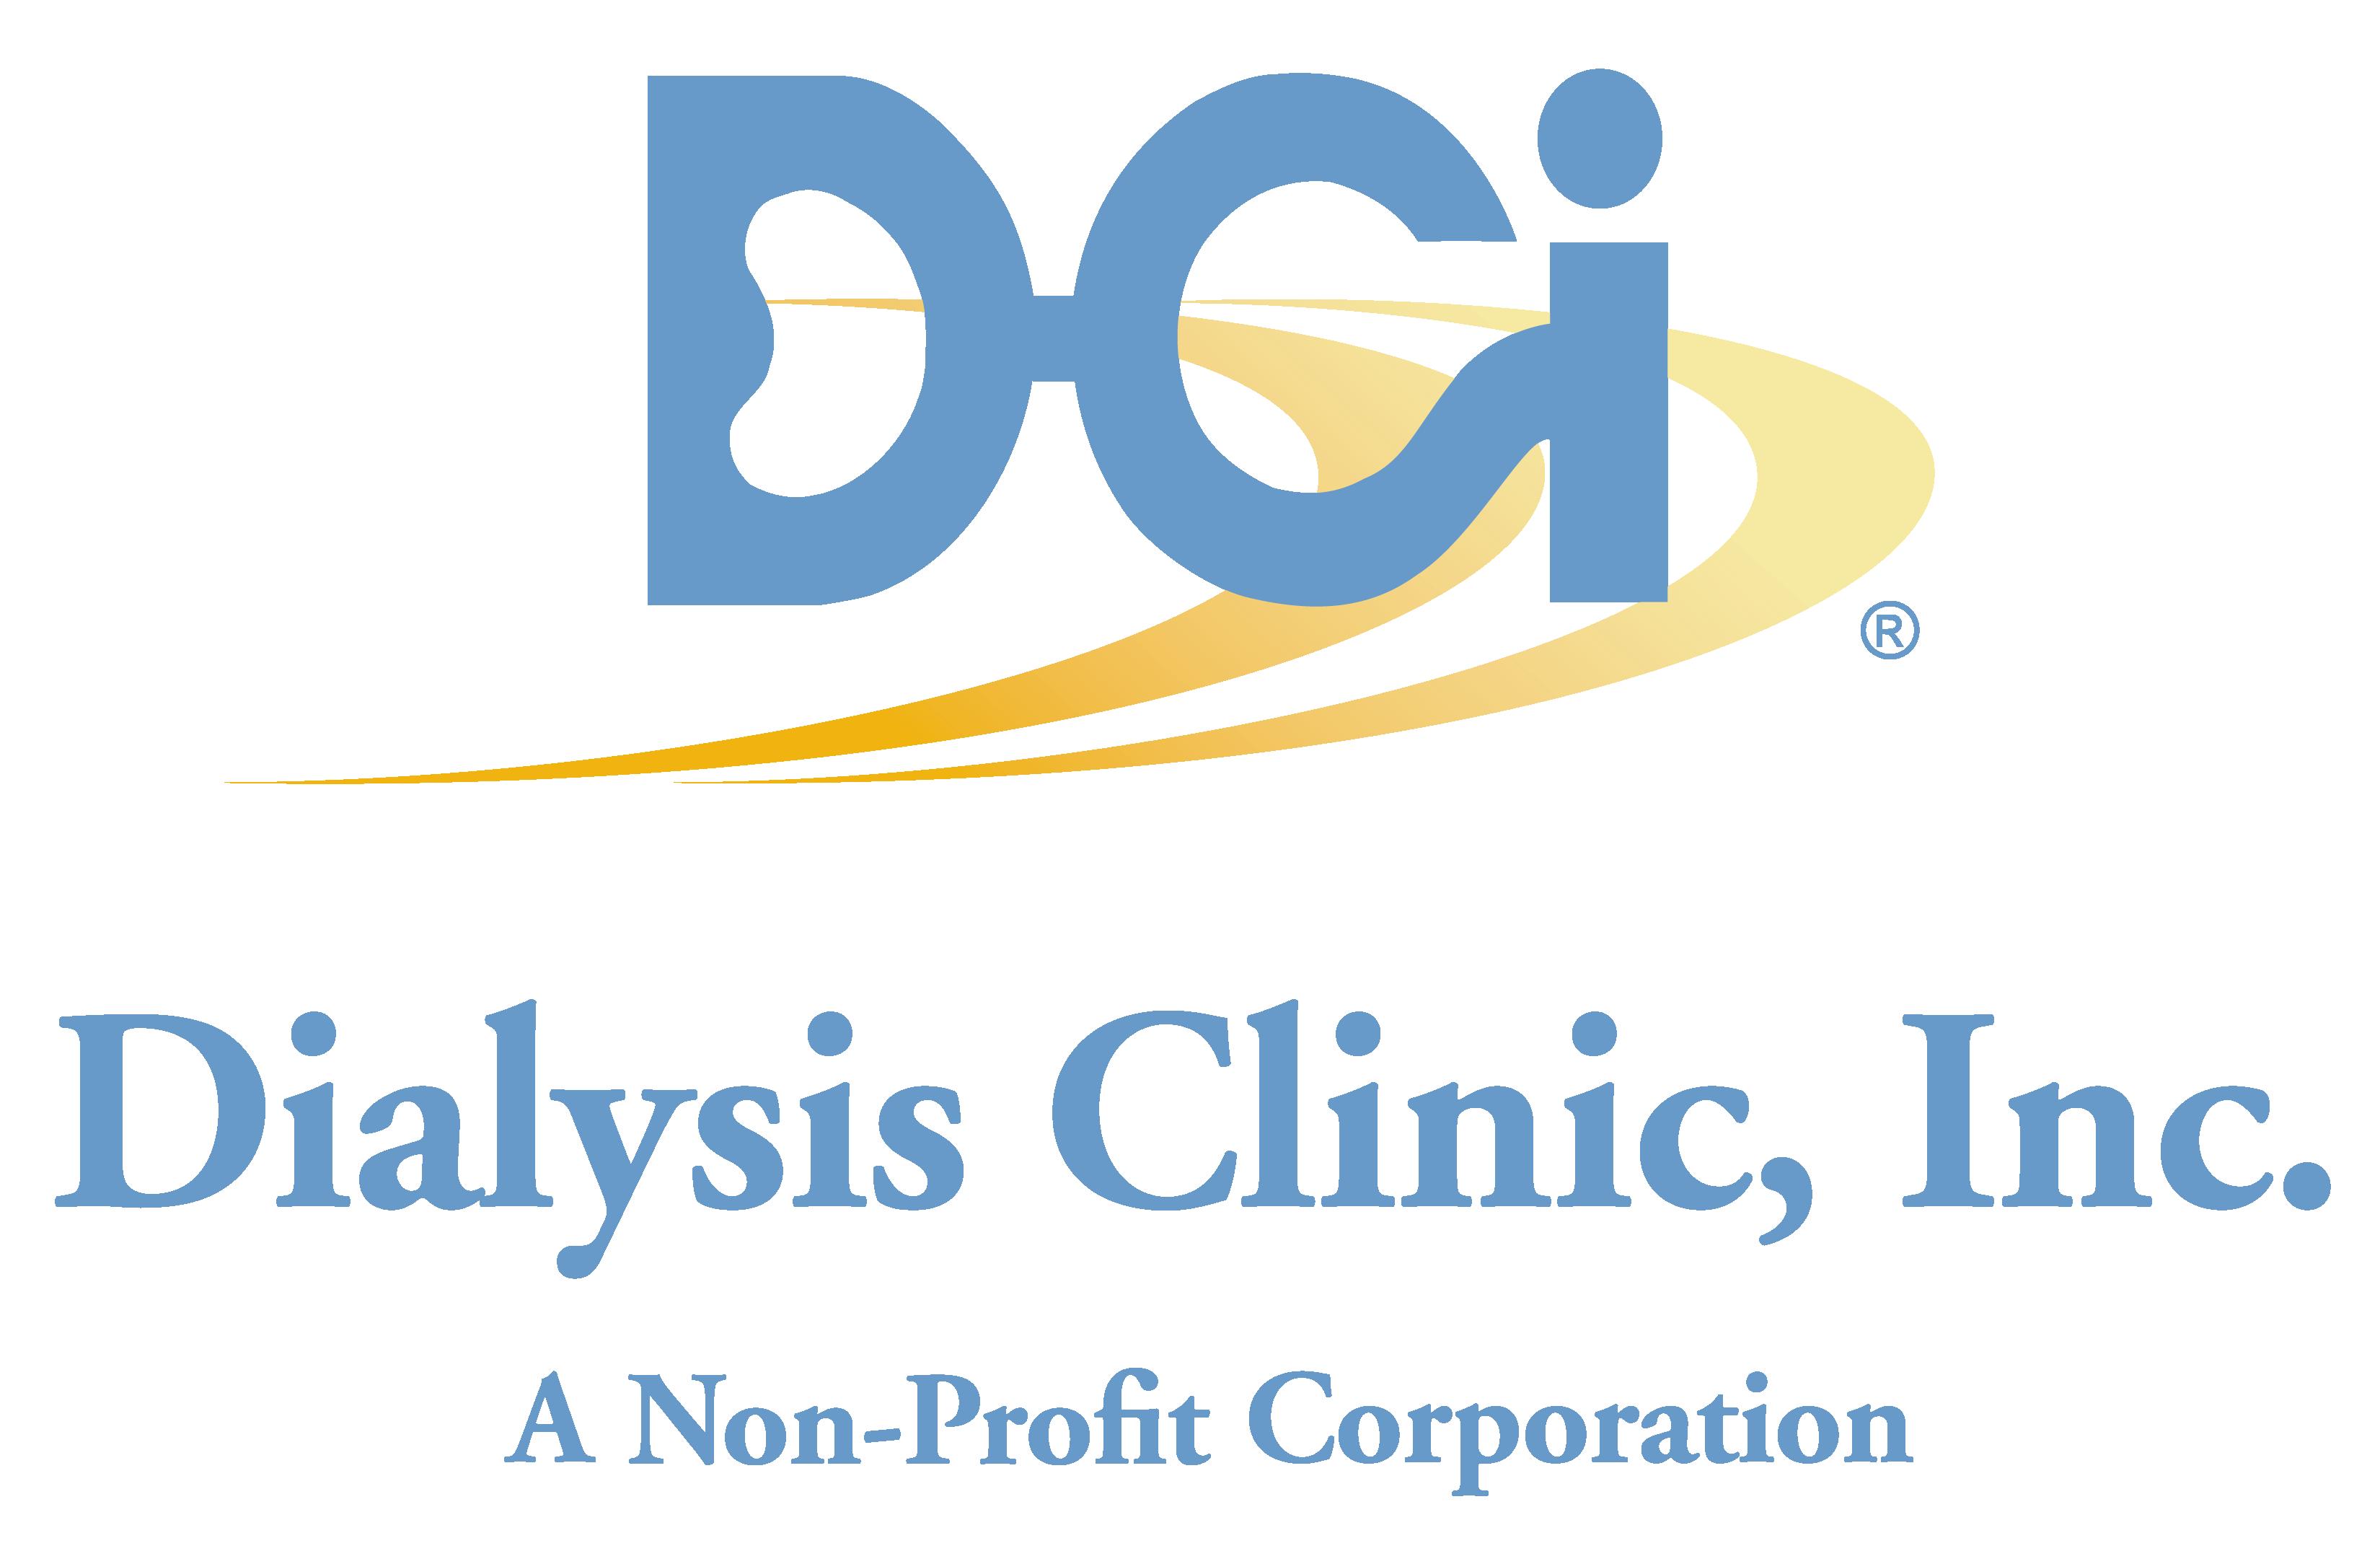 Dialysis Clinic Inc Logos